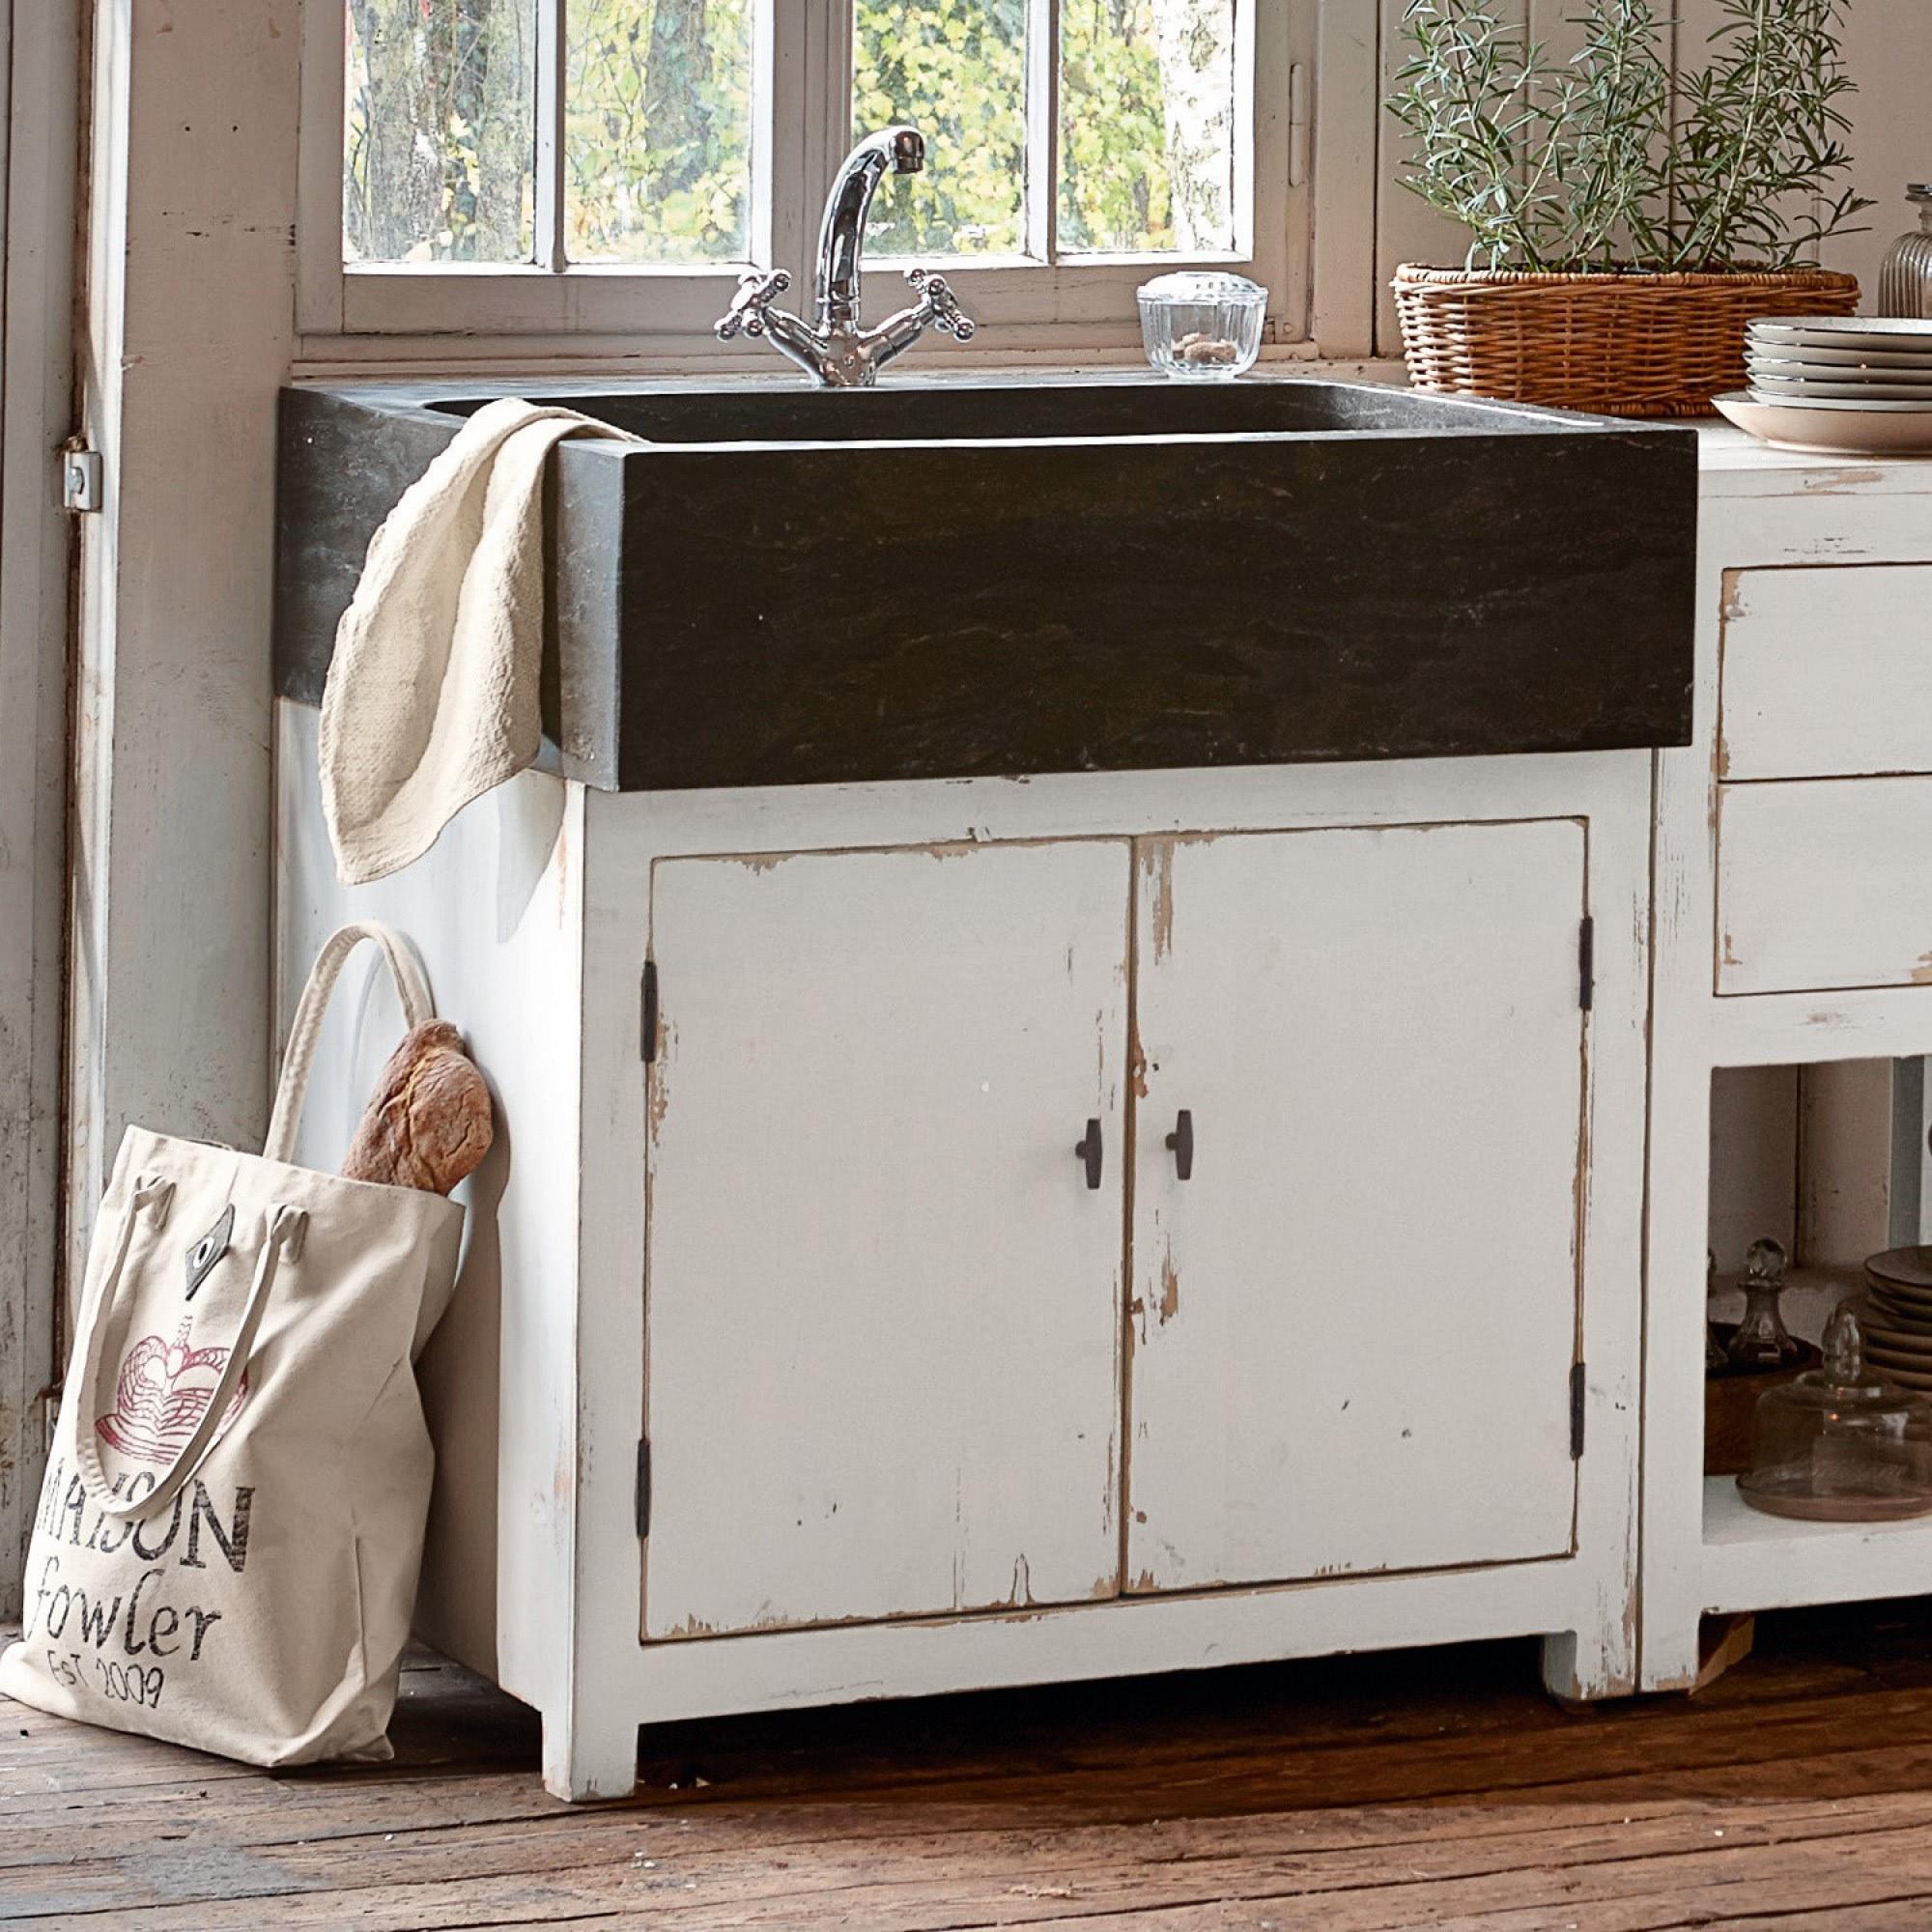 Waschtisch küche – Eckventil waschmaschine